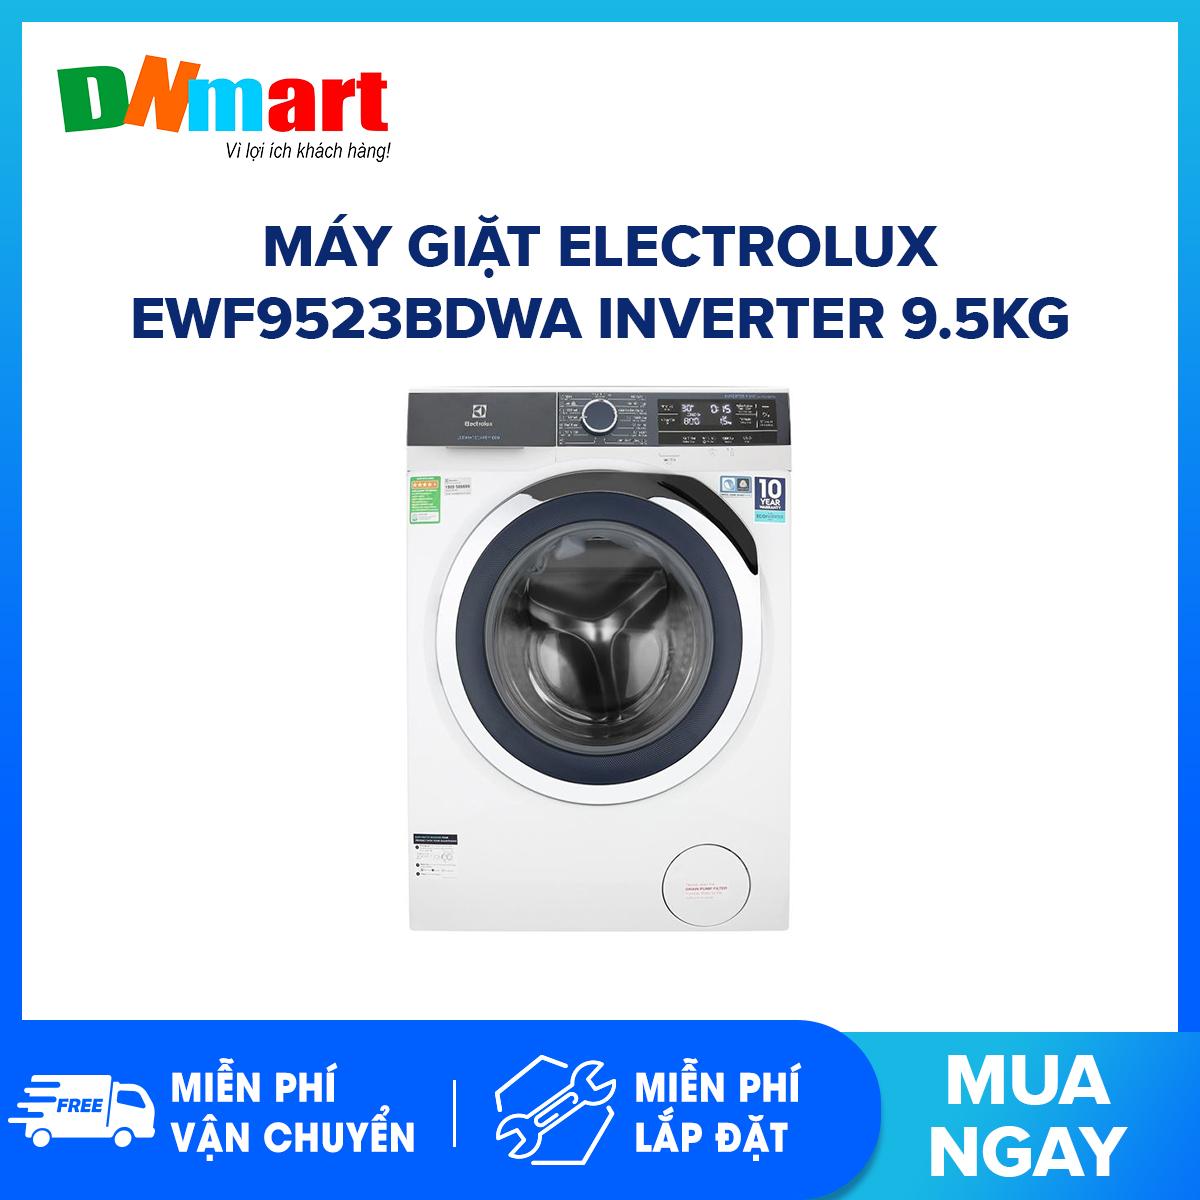 Bảng giá Máy giặt Electrolux EWF9523BDWA Inverter 9.5kg 1200 vòng/phút 15 Chương trình (Miễn phí vận chuyển và lắp đặt)